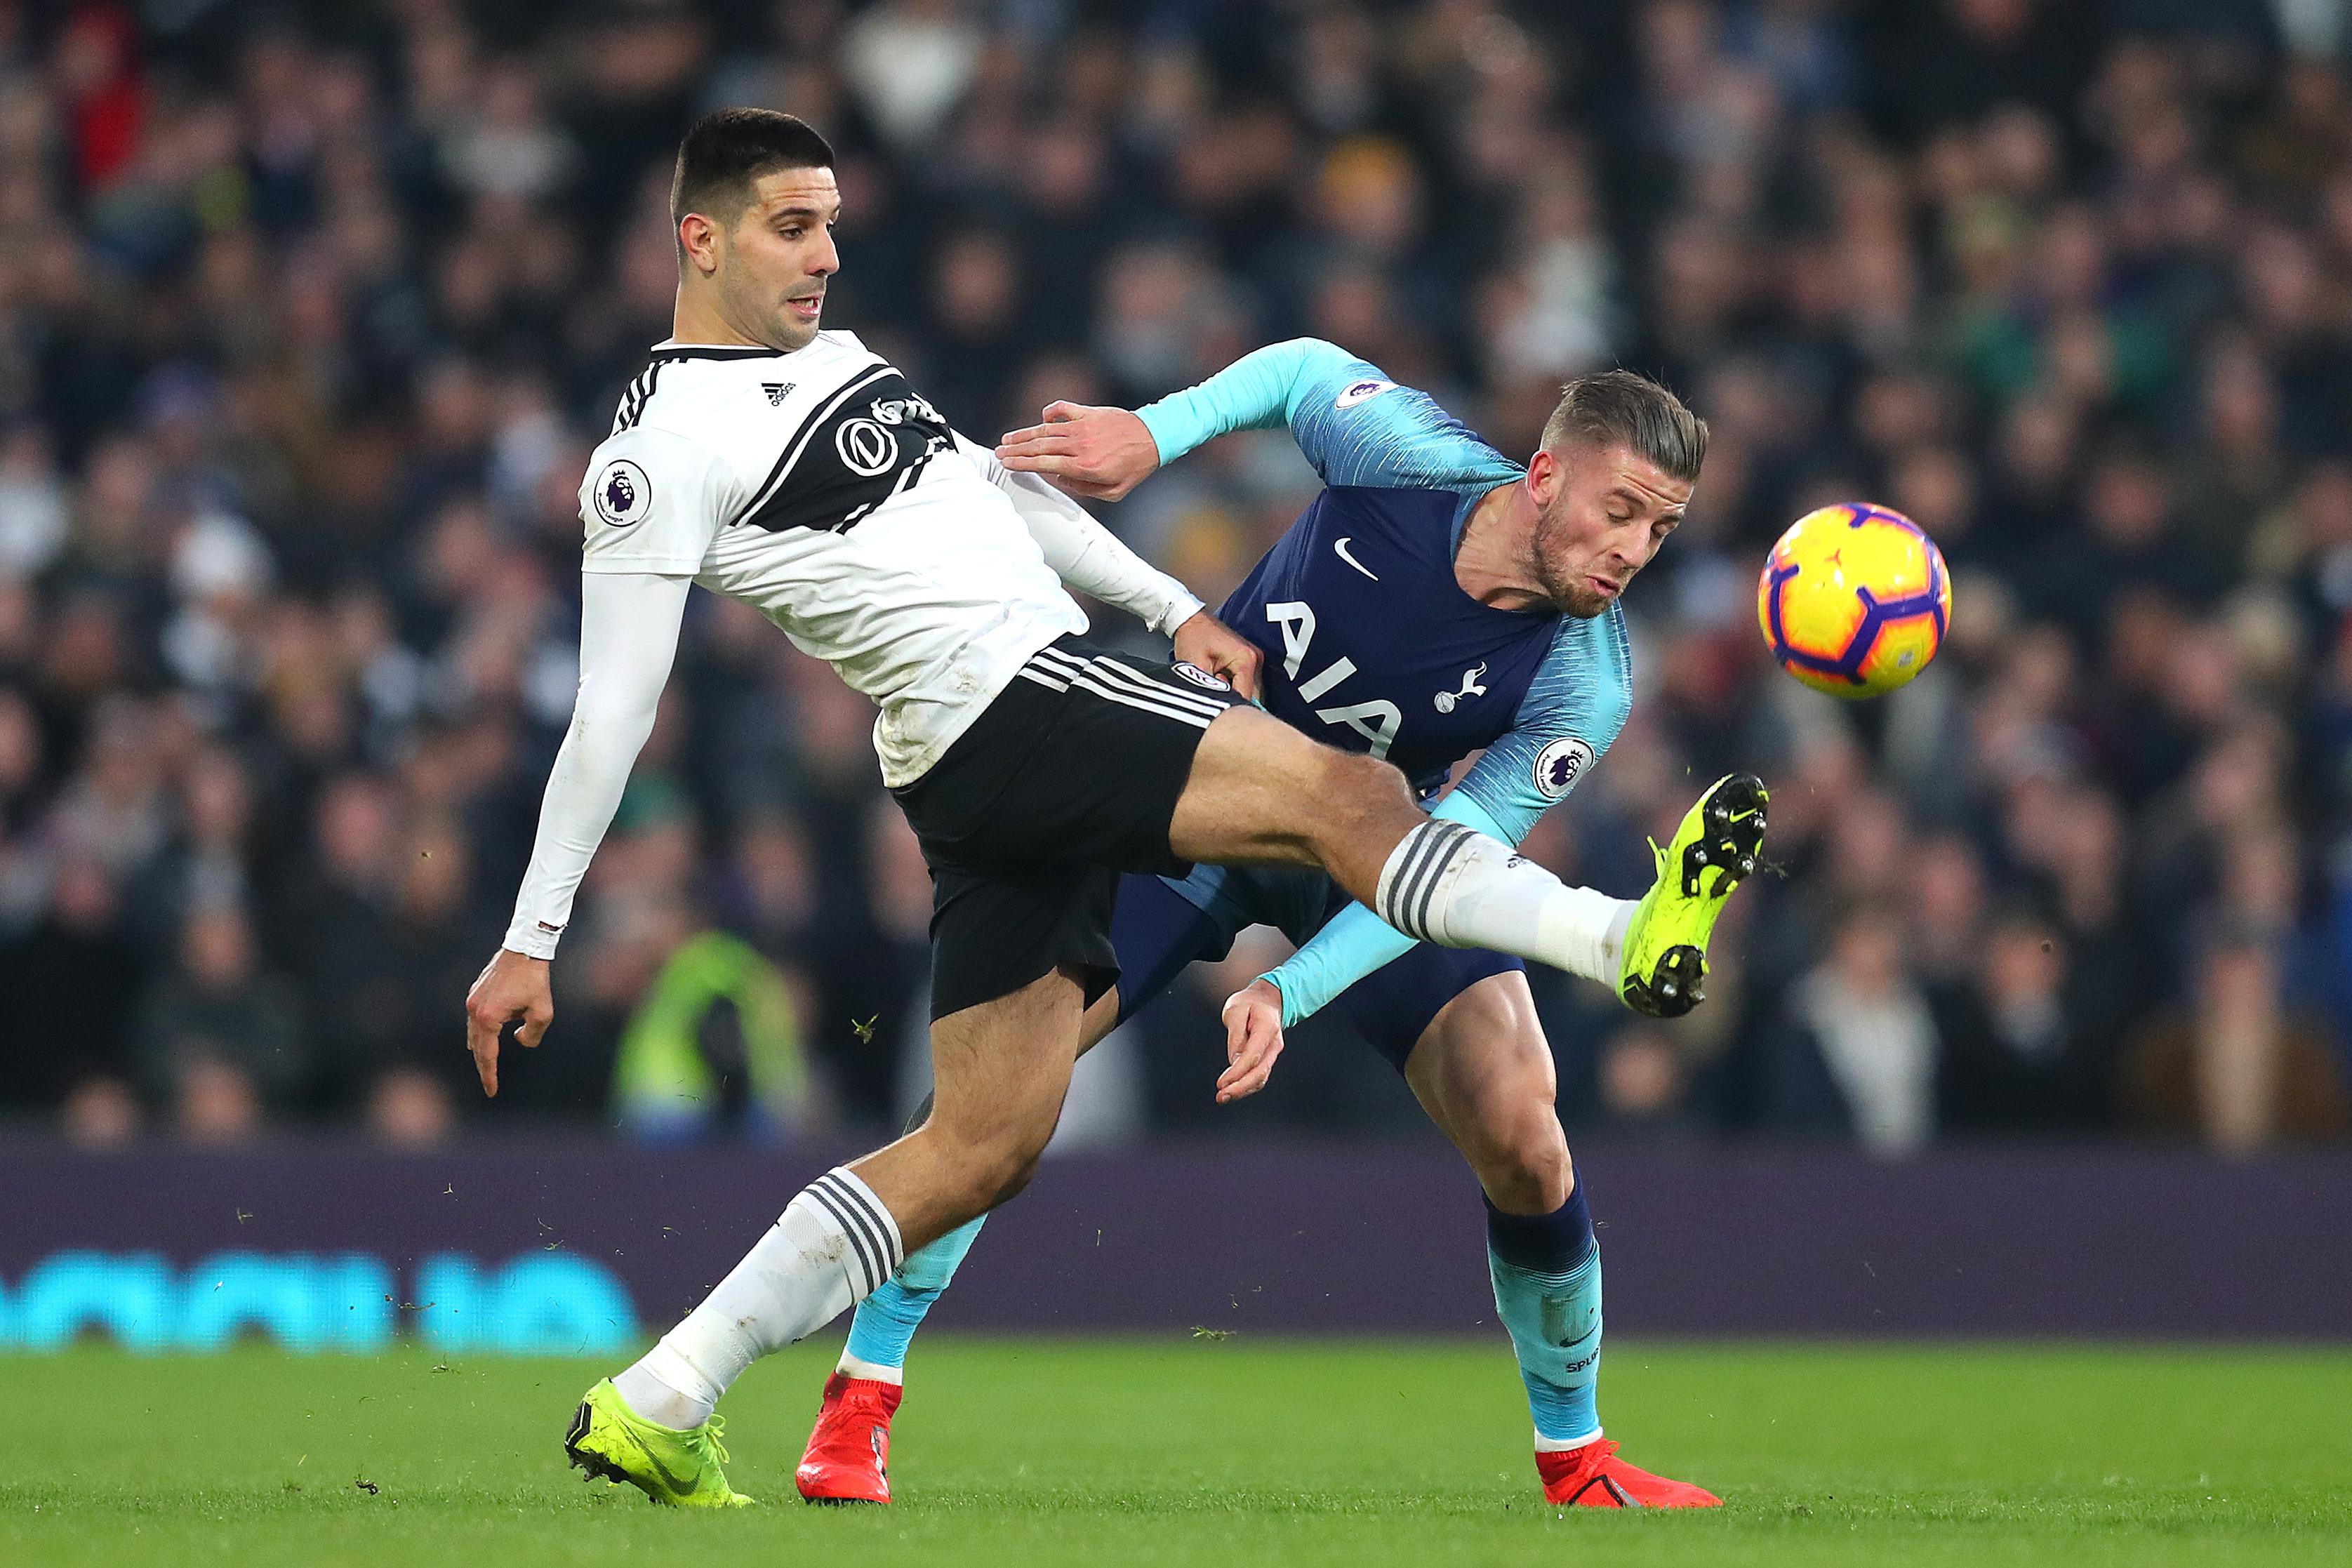 Fulham FC v Tottenham Hotspur - Premier League